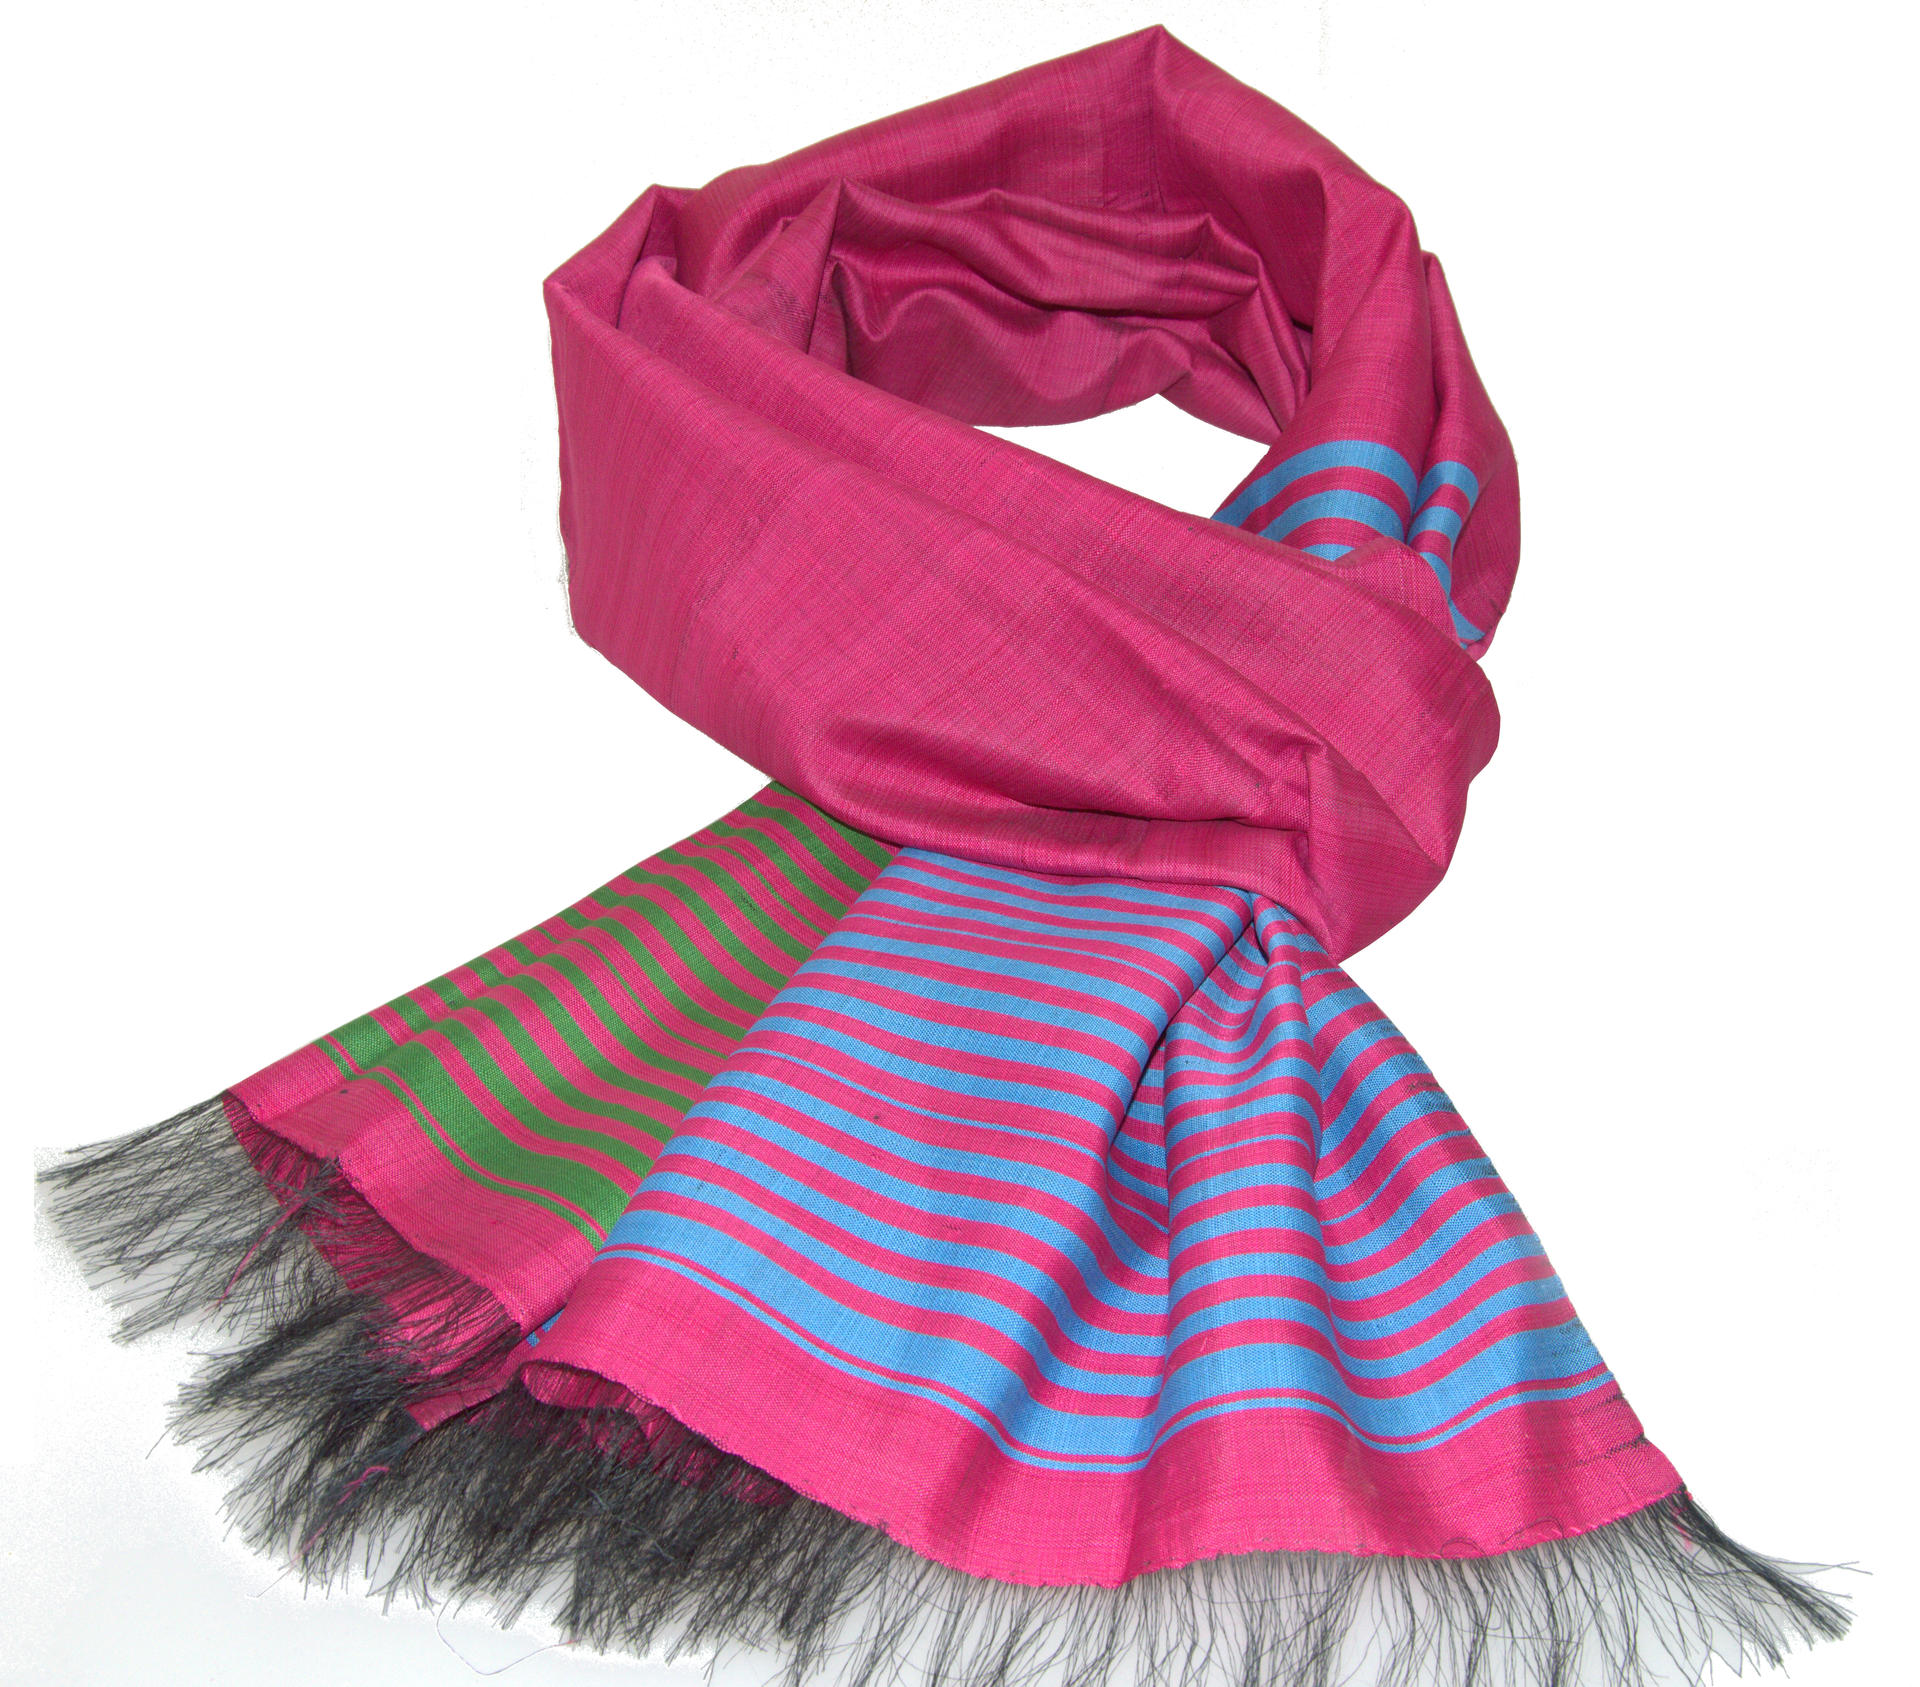 Echarpe en soie sauvage bleu et rose tissée à la main   Gundara 5dfe53abe82